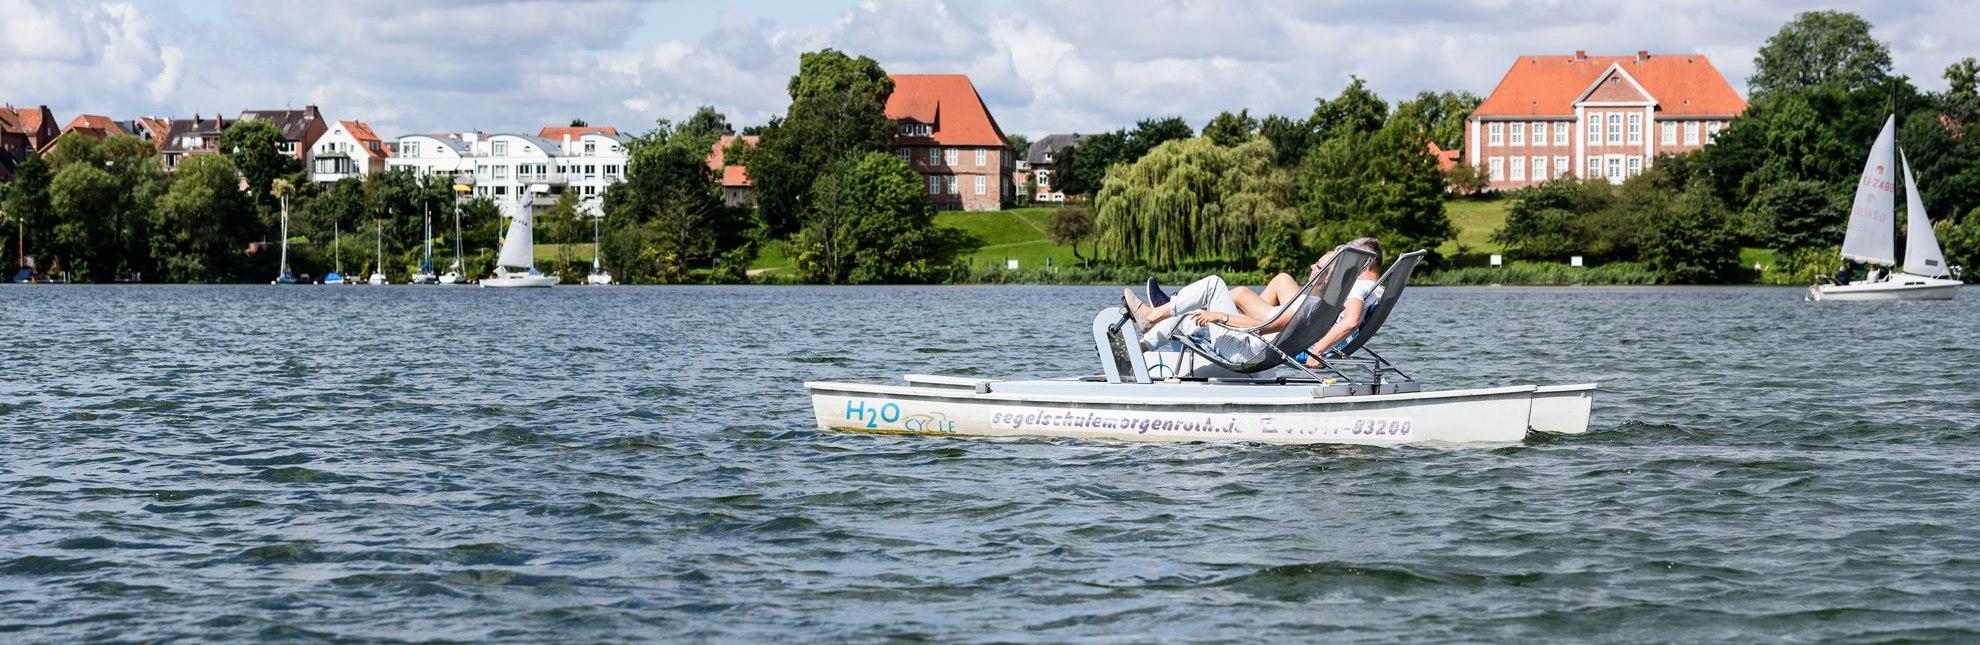 Umrunden Sie die Stadtinsel von Ratzeburg mit dem Tretboot., © Markus Tiemann / HLMS GmbH